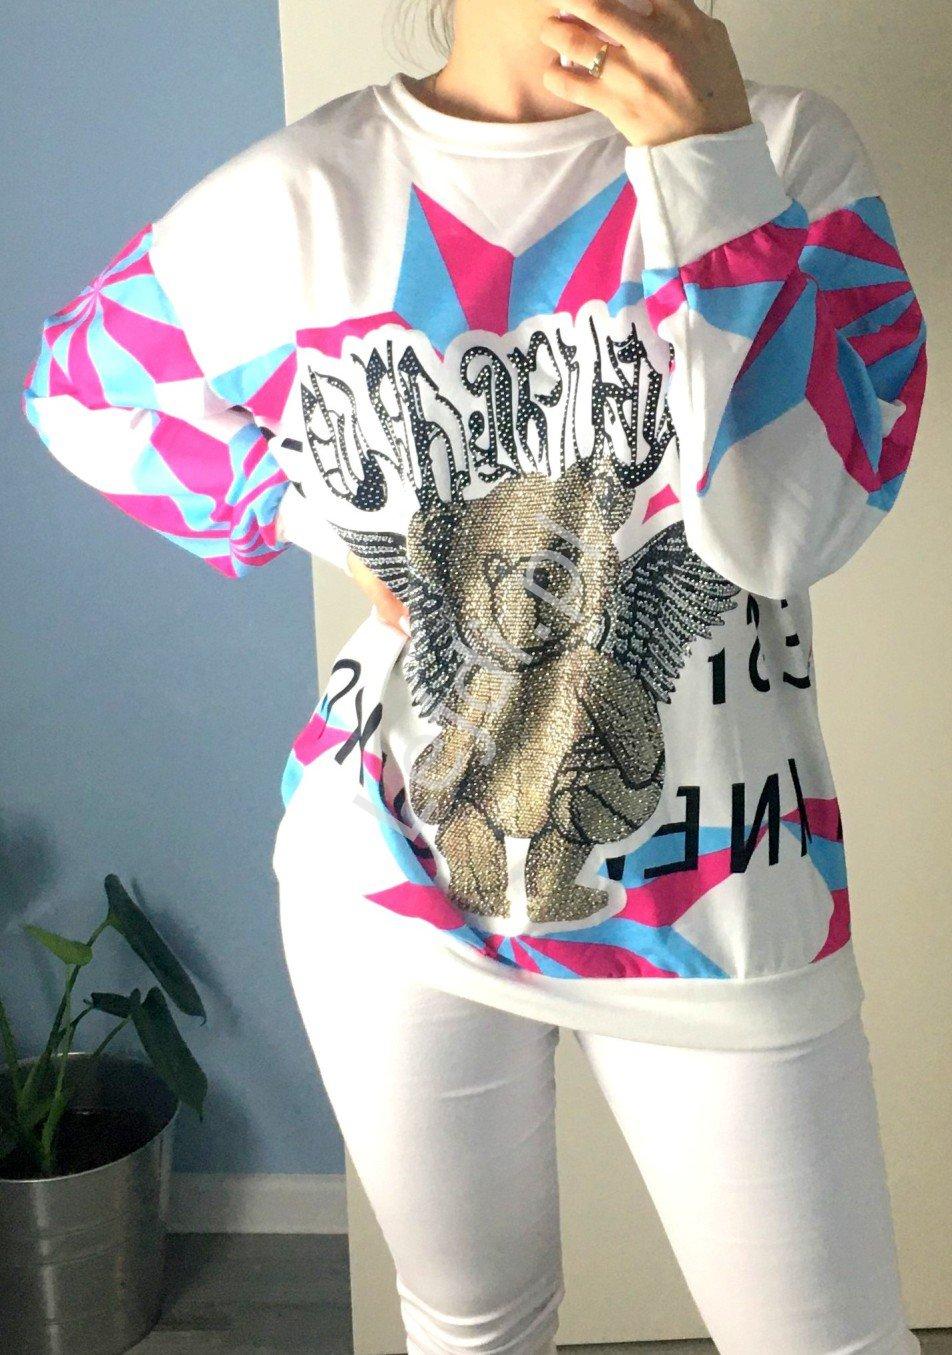 Stylowa bluza biała z misiem z skrzydłami kryształkowymi - Lejdi